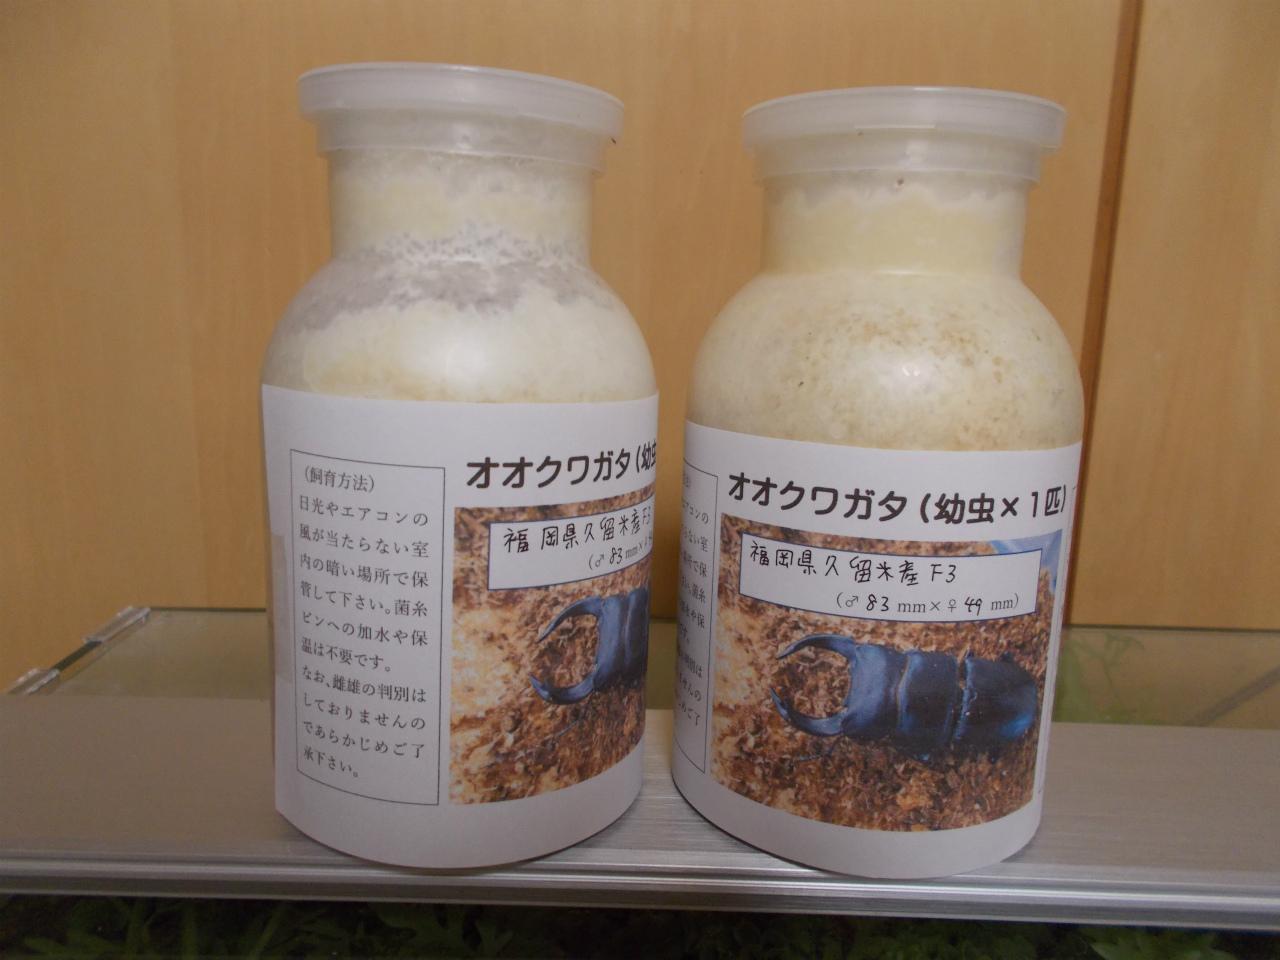 菌糸 ビン オオクワガタ